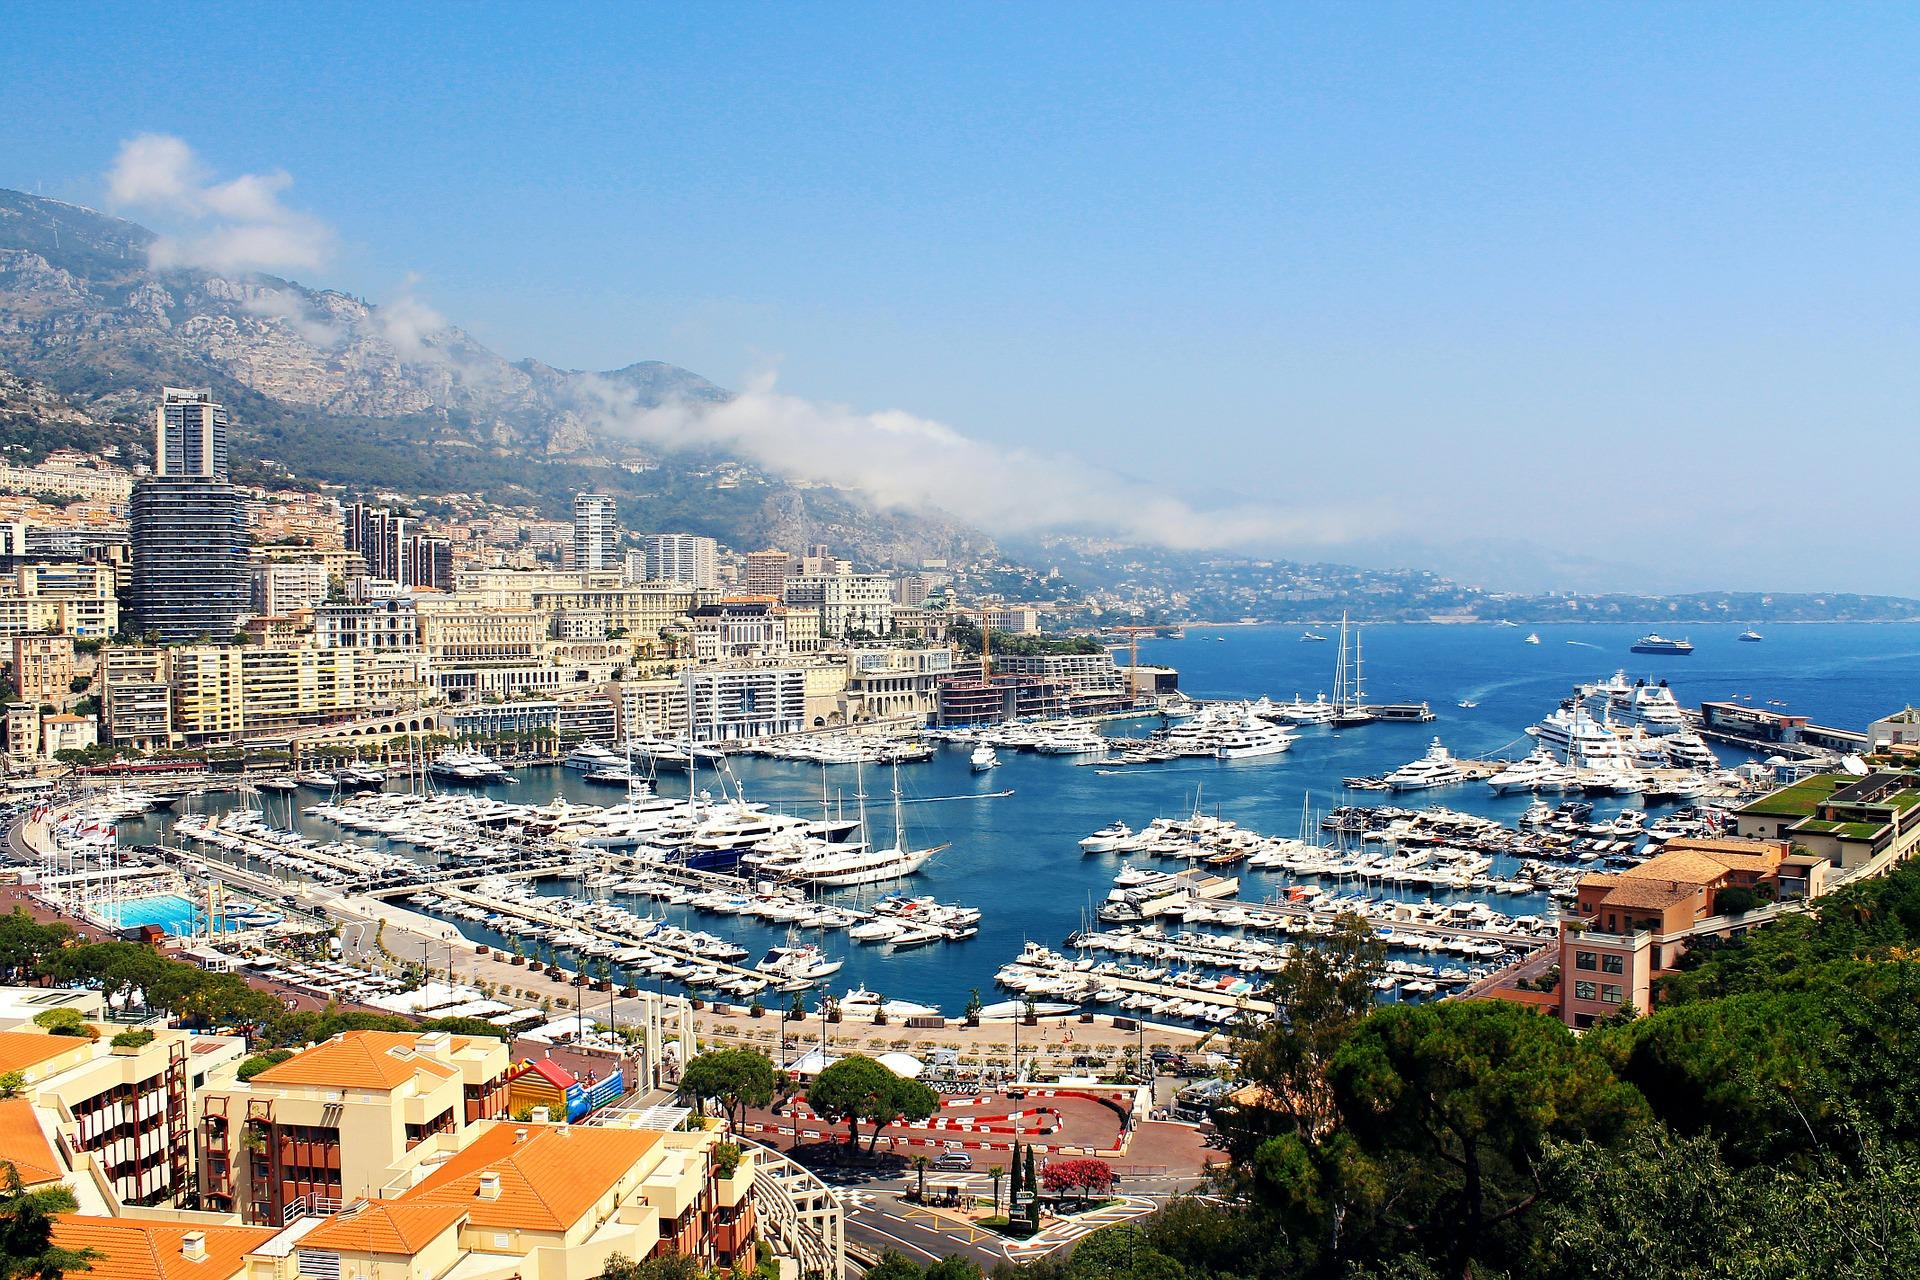 Package Italy Monaco France เที่ยวส่วนตัวโดยรถตู้ 6D5N